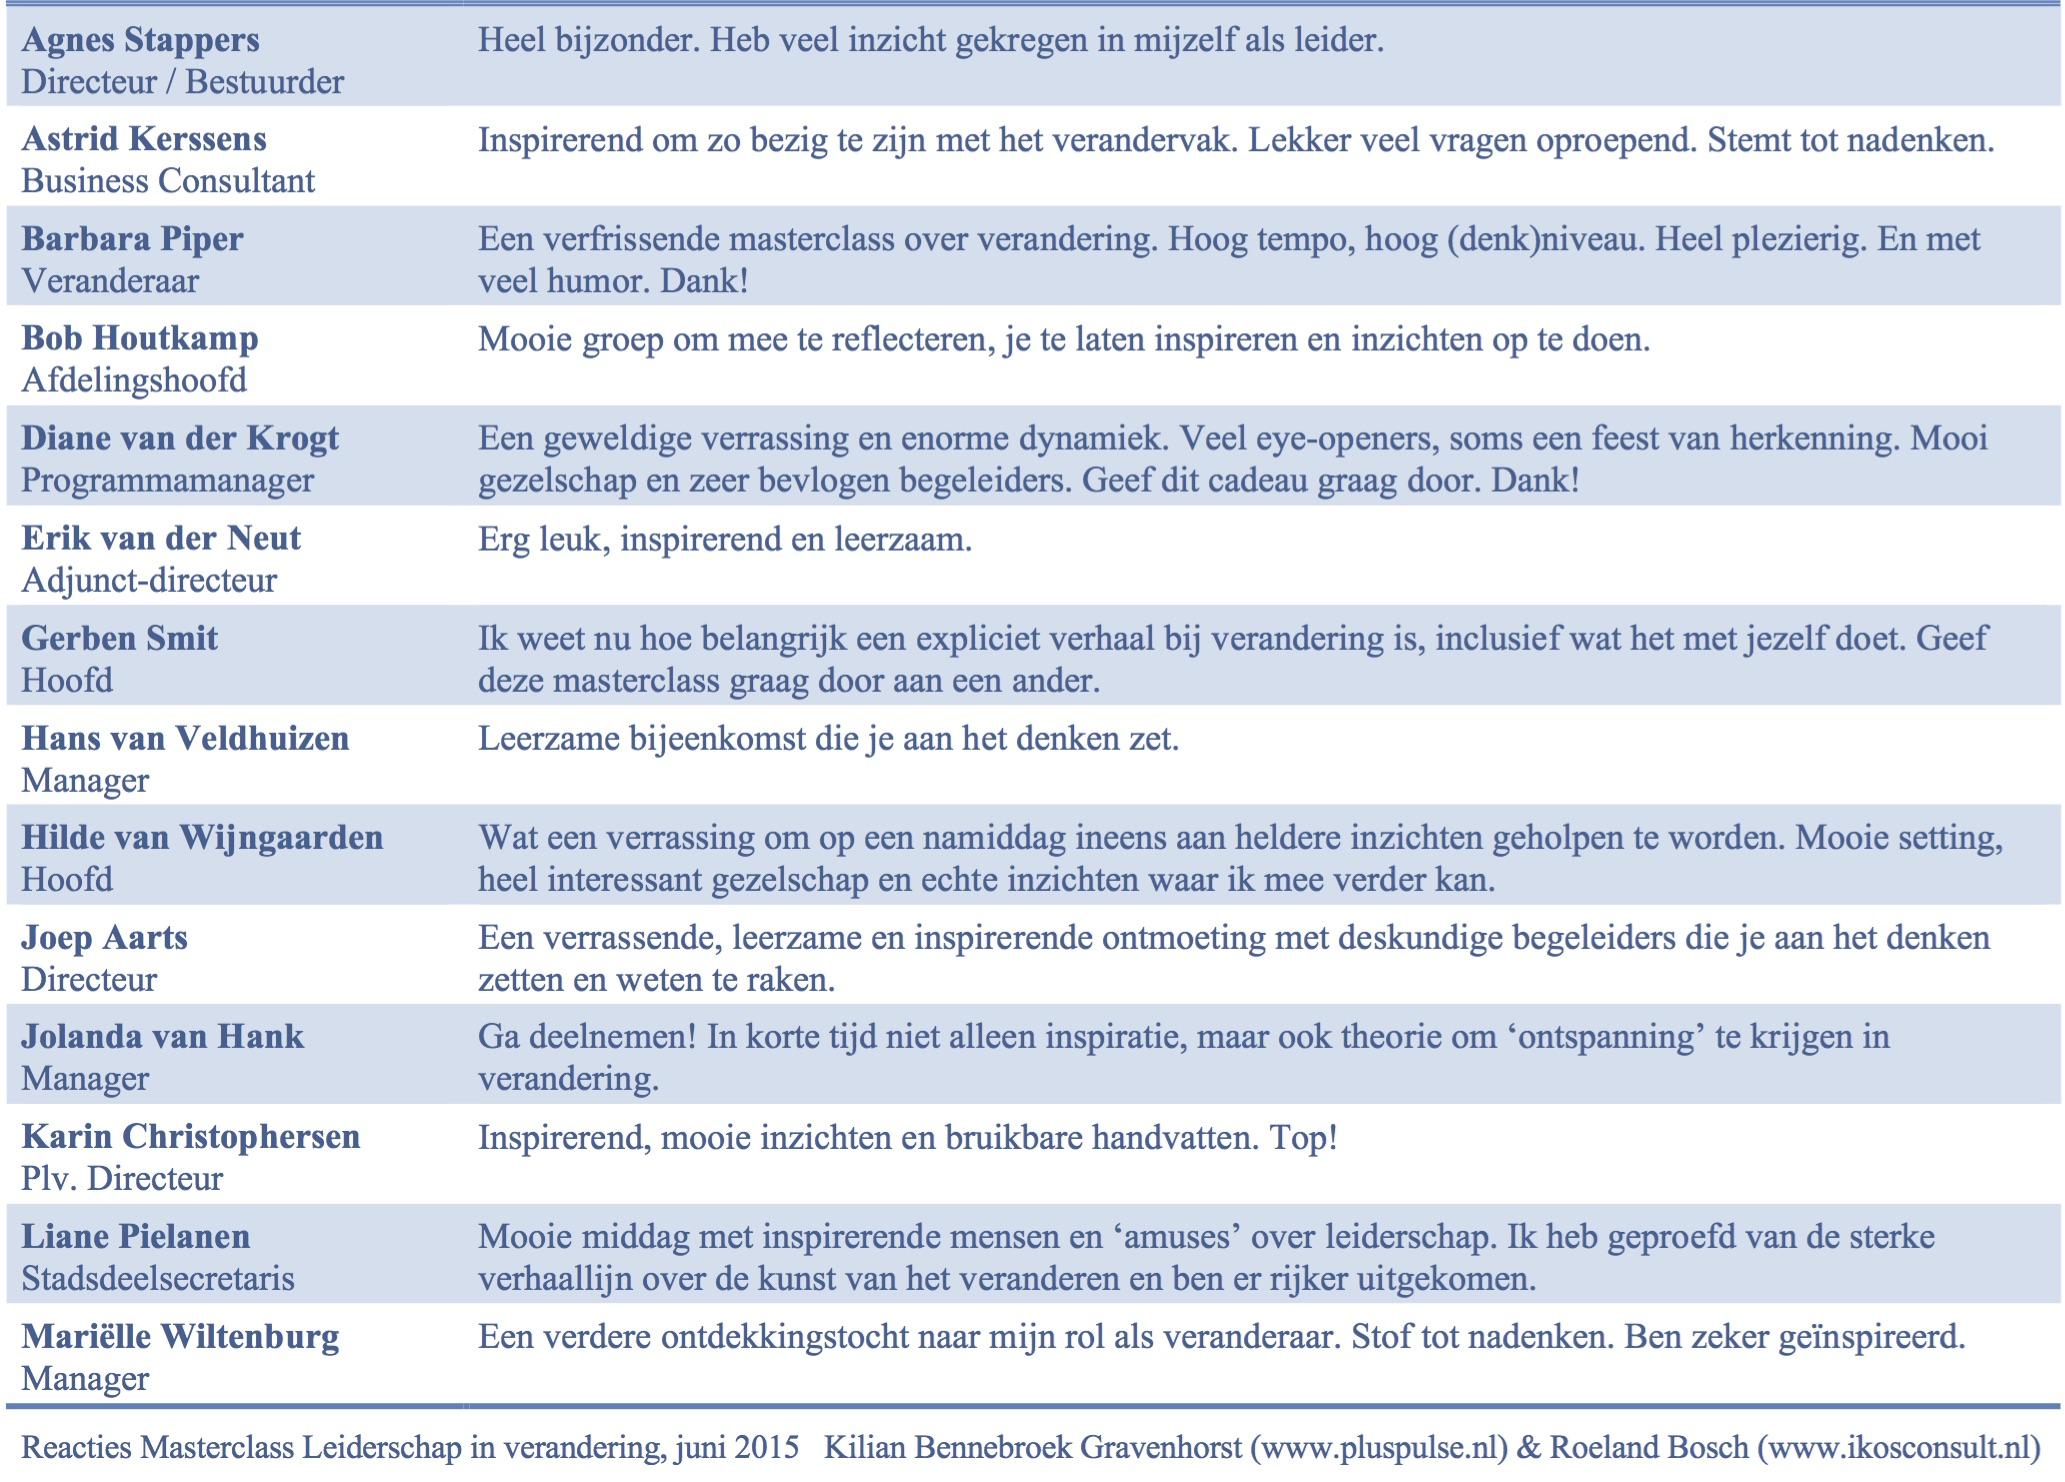 Reacties Masterclass Leiderschap in Verandering, juni 2015